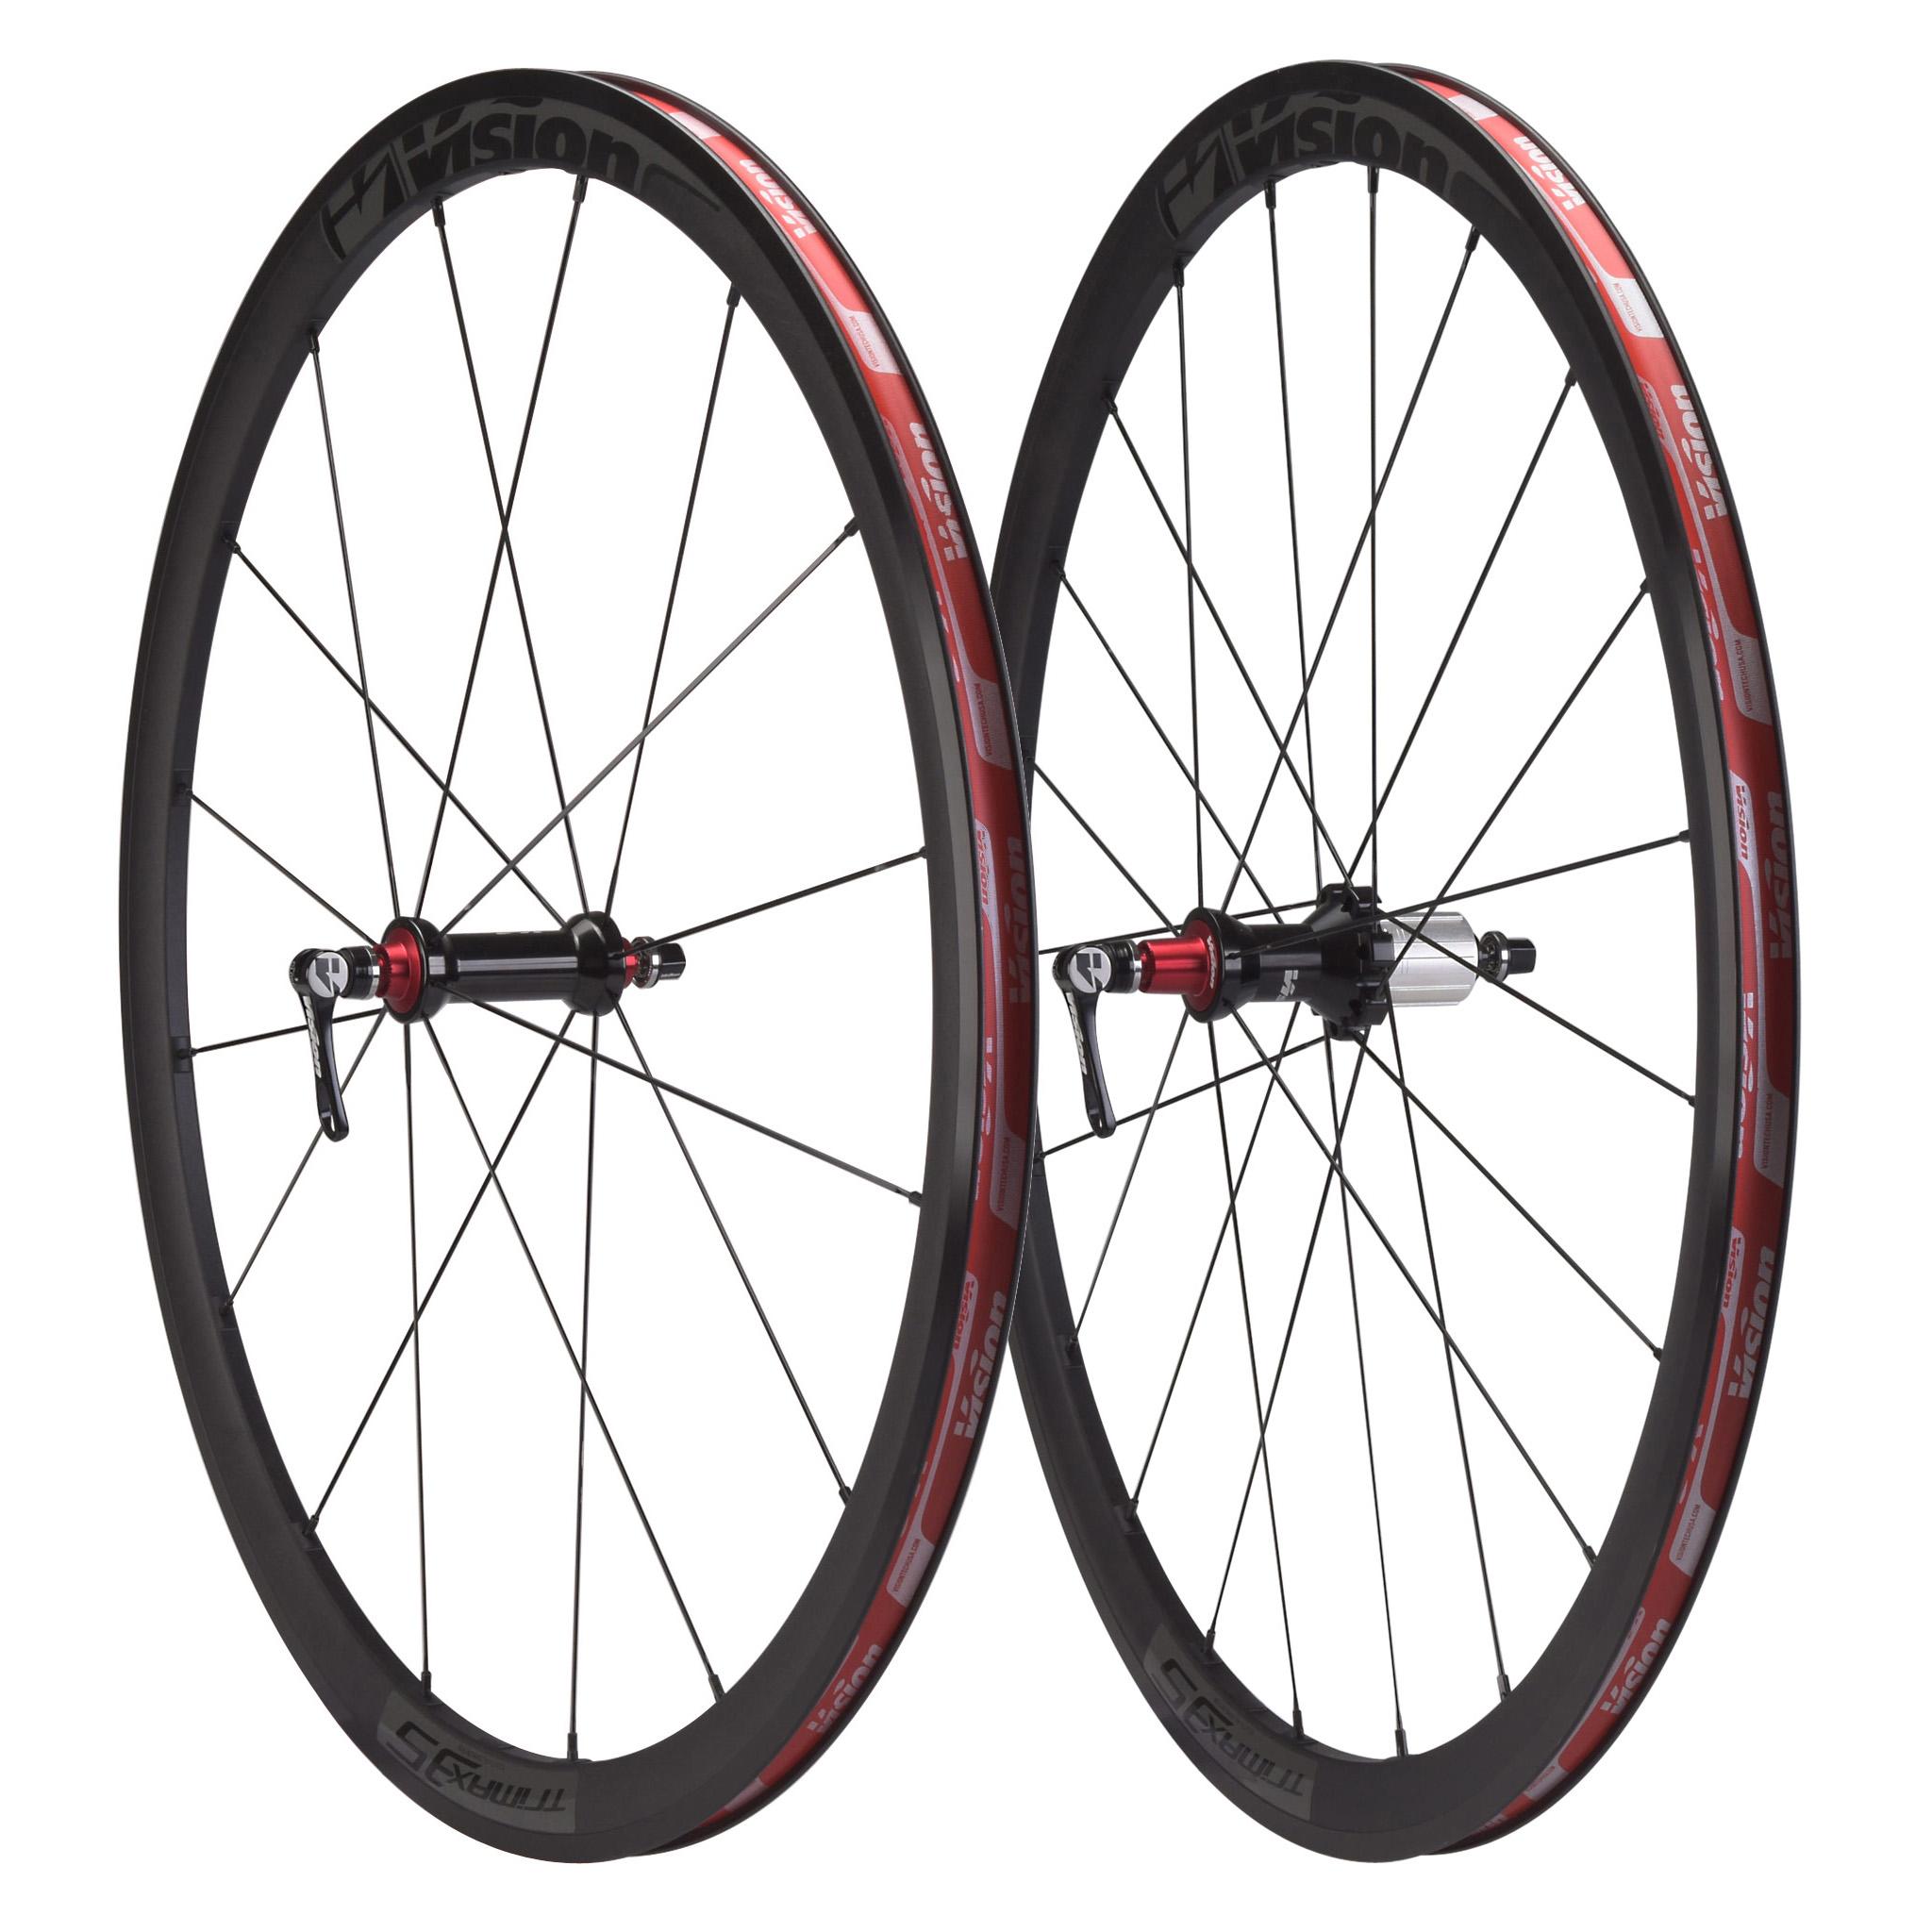 Par de ruedas VISION TRIMAX 35 Para cubiertas Negro